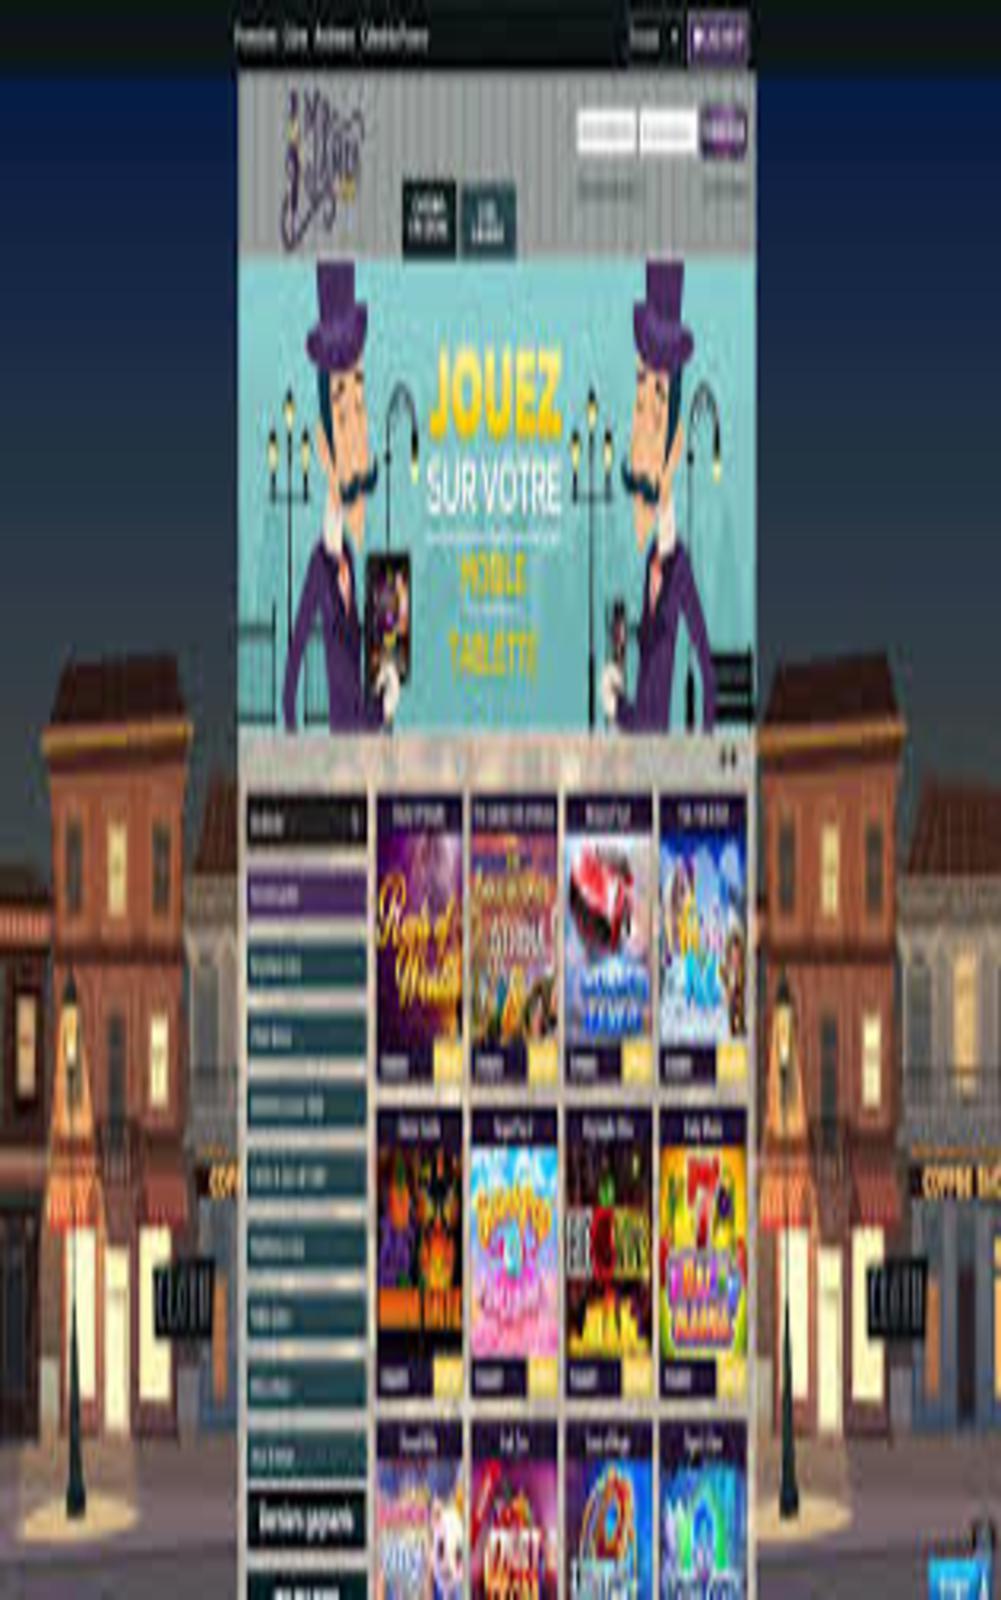 Mr. James casino avis  : que penser de ce casino en ligne ?